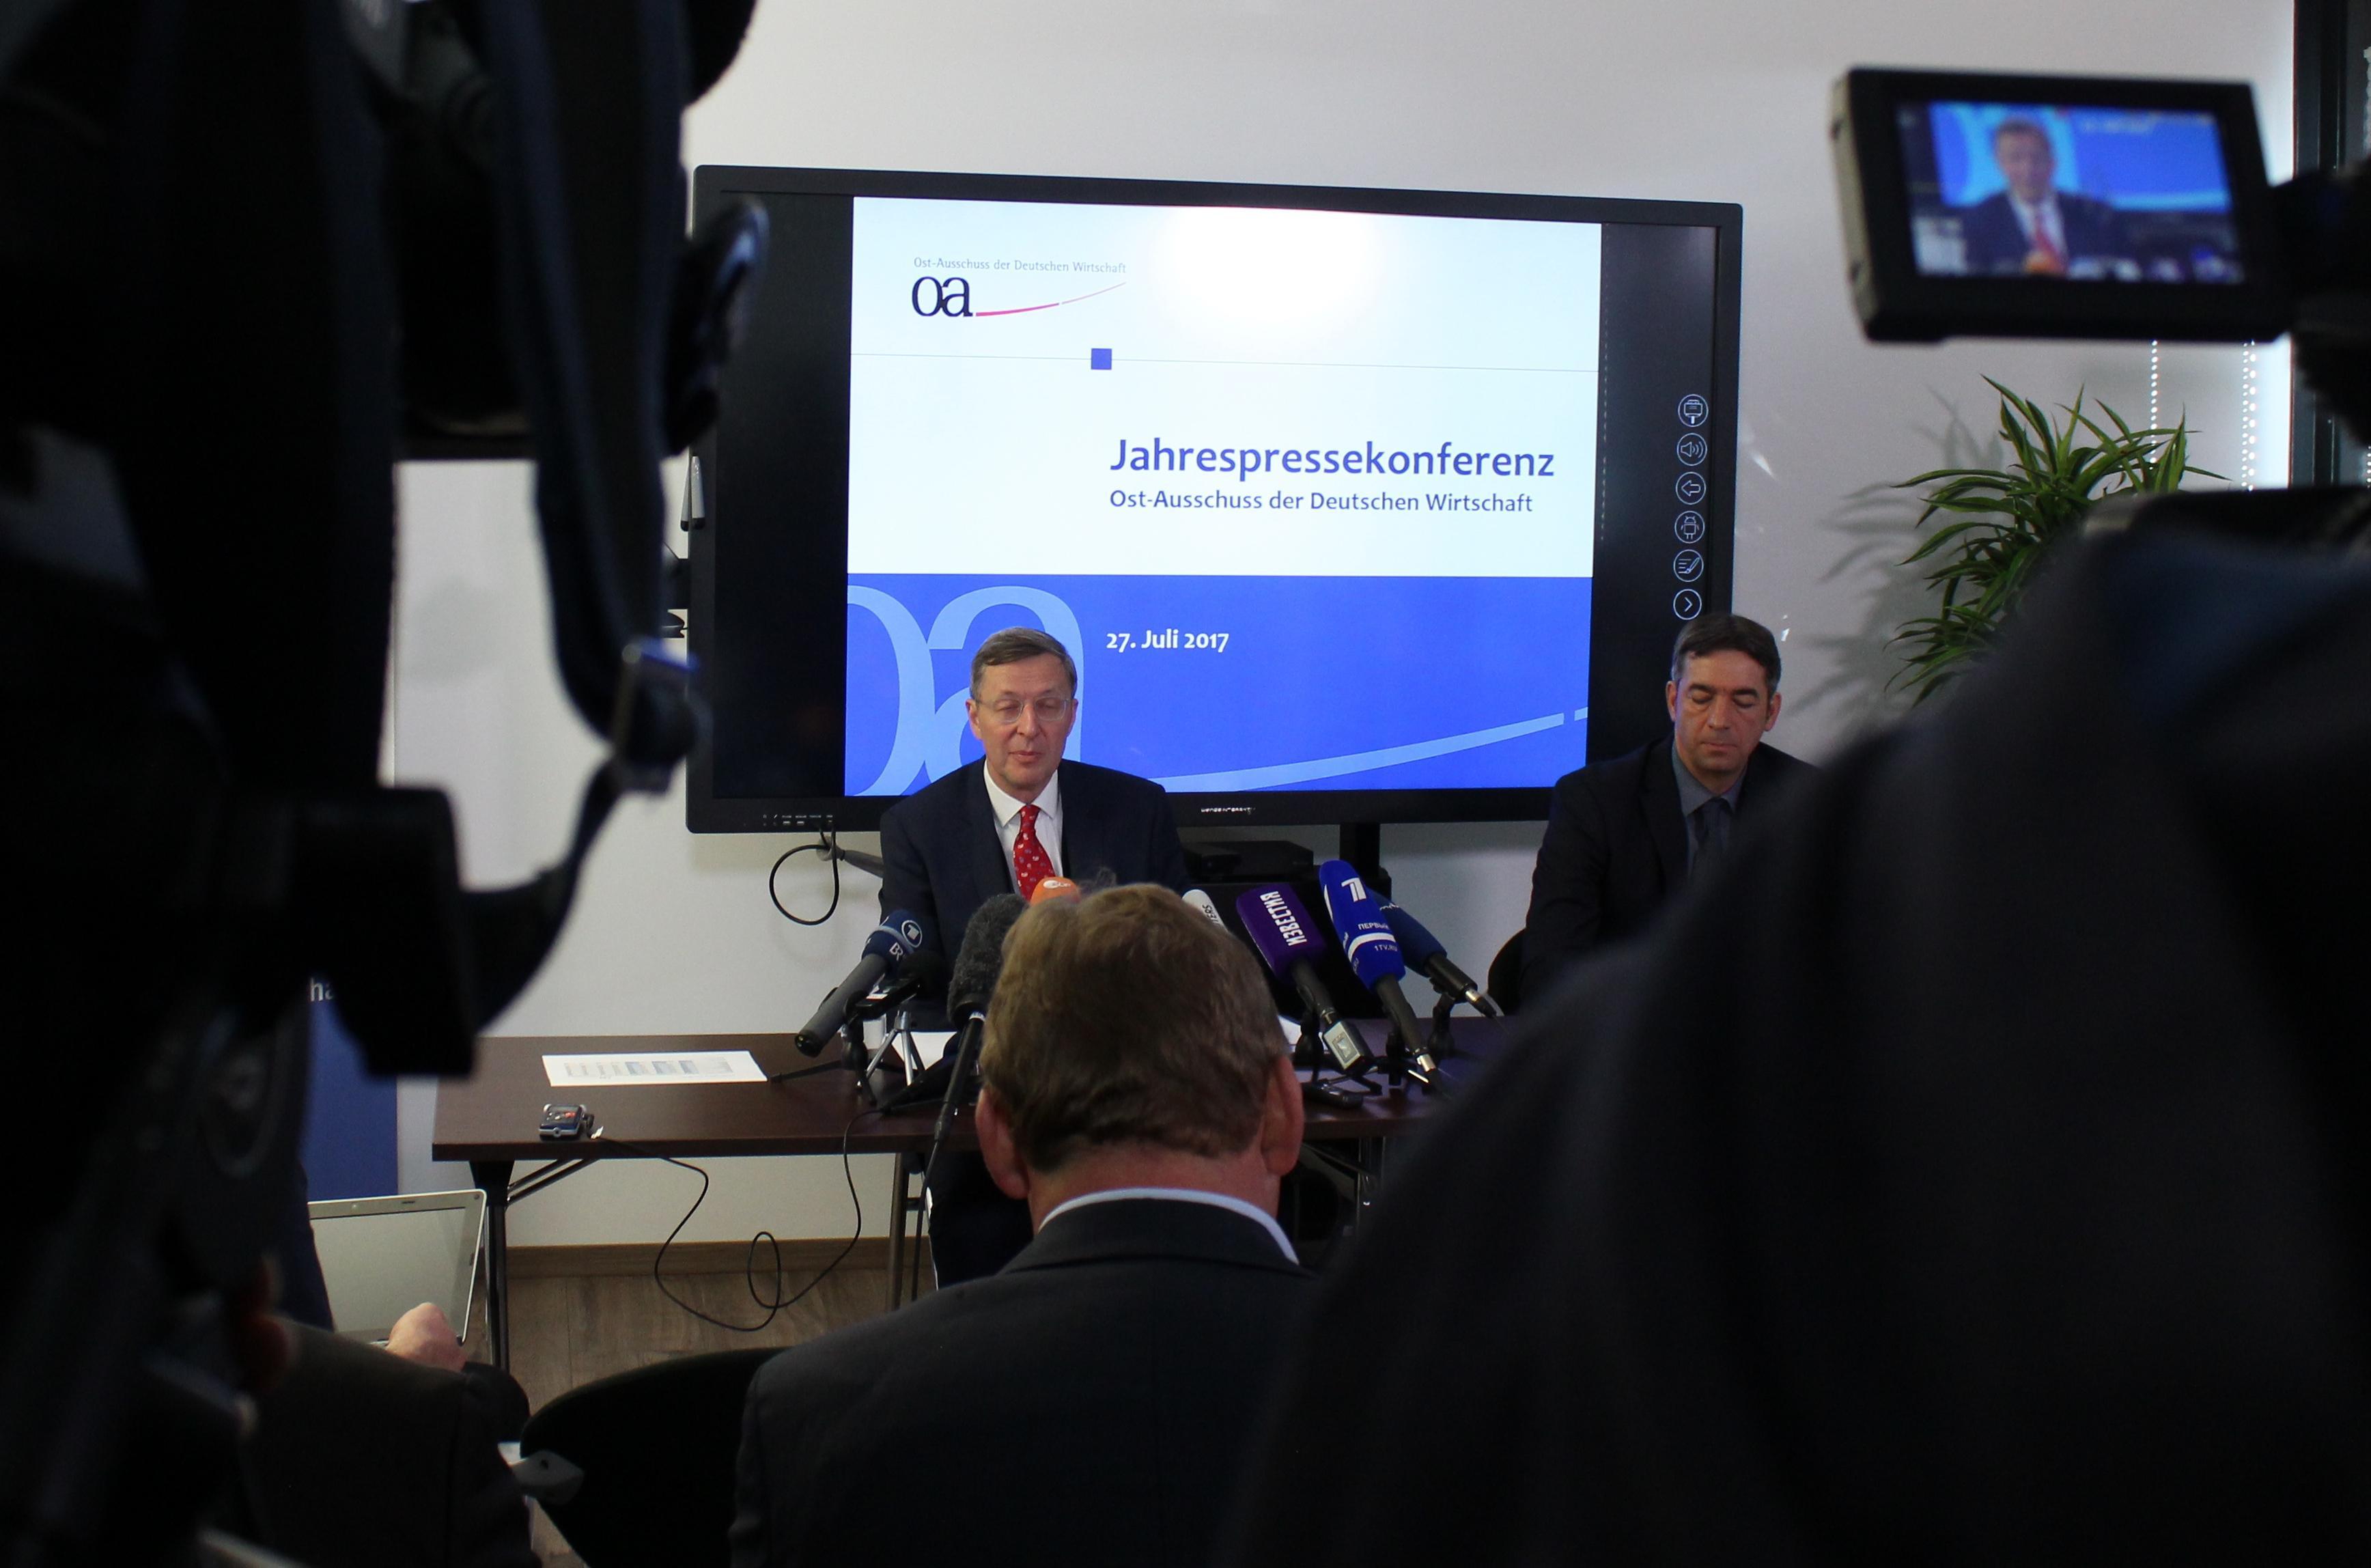 Jahrespressekonferenz des Ost-Ausschusses der Deutschen Wirtschaft